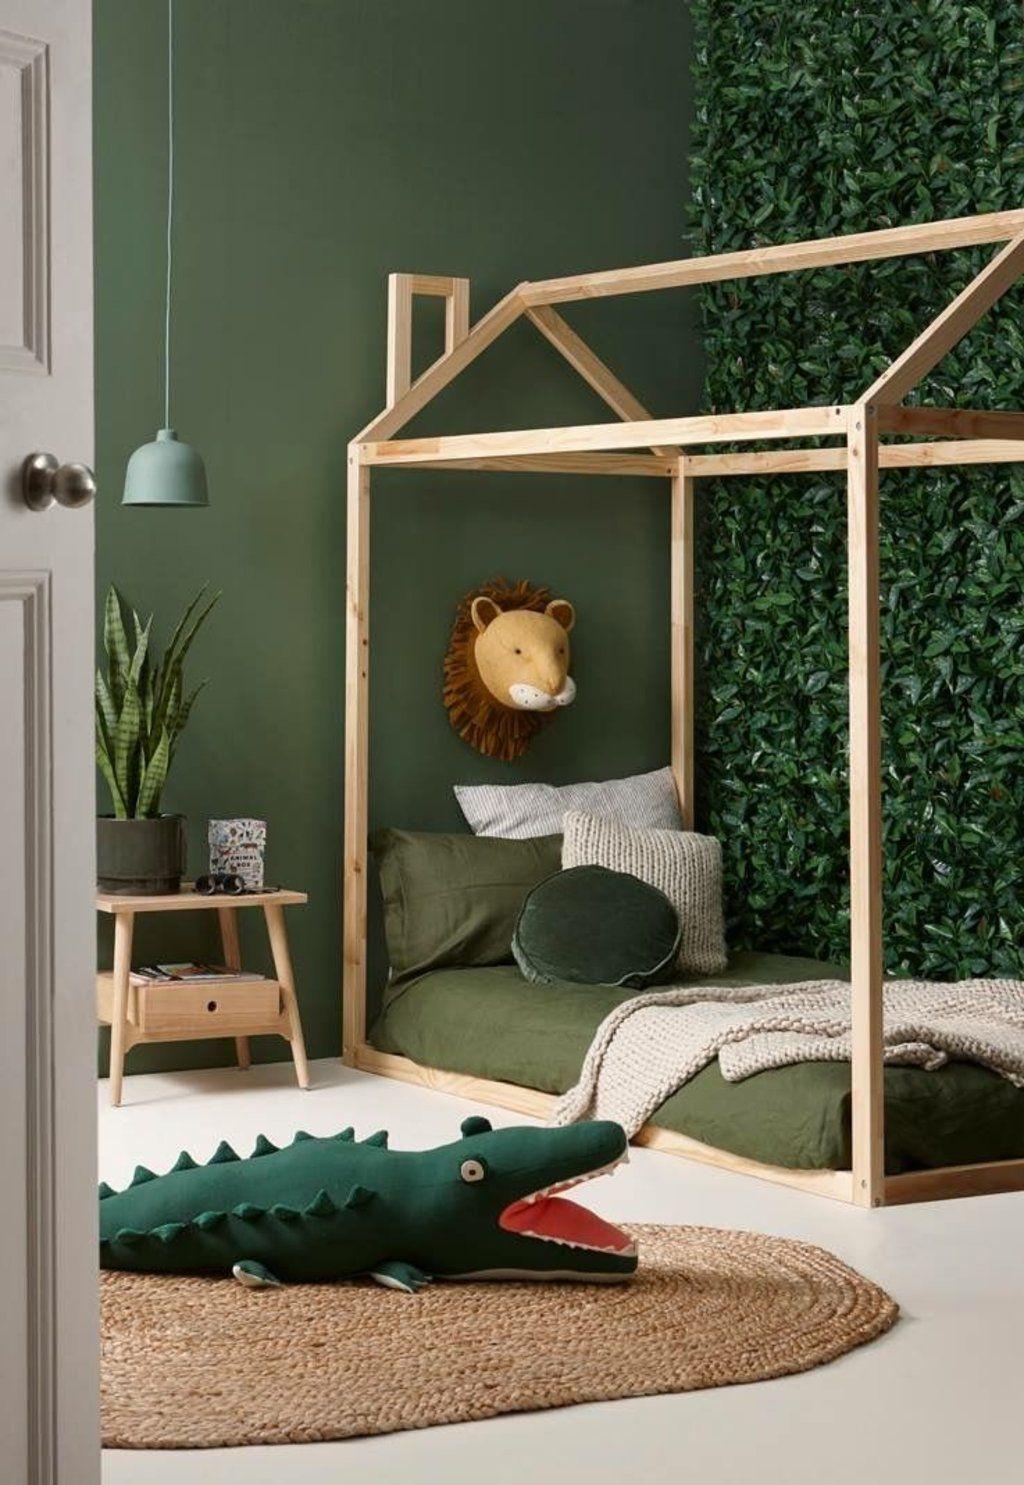 Chambre d\'enfant scandinave exotique vert marron beige kaki bois ...